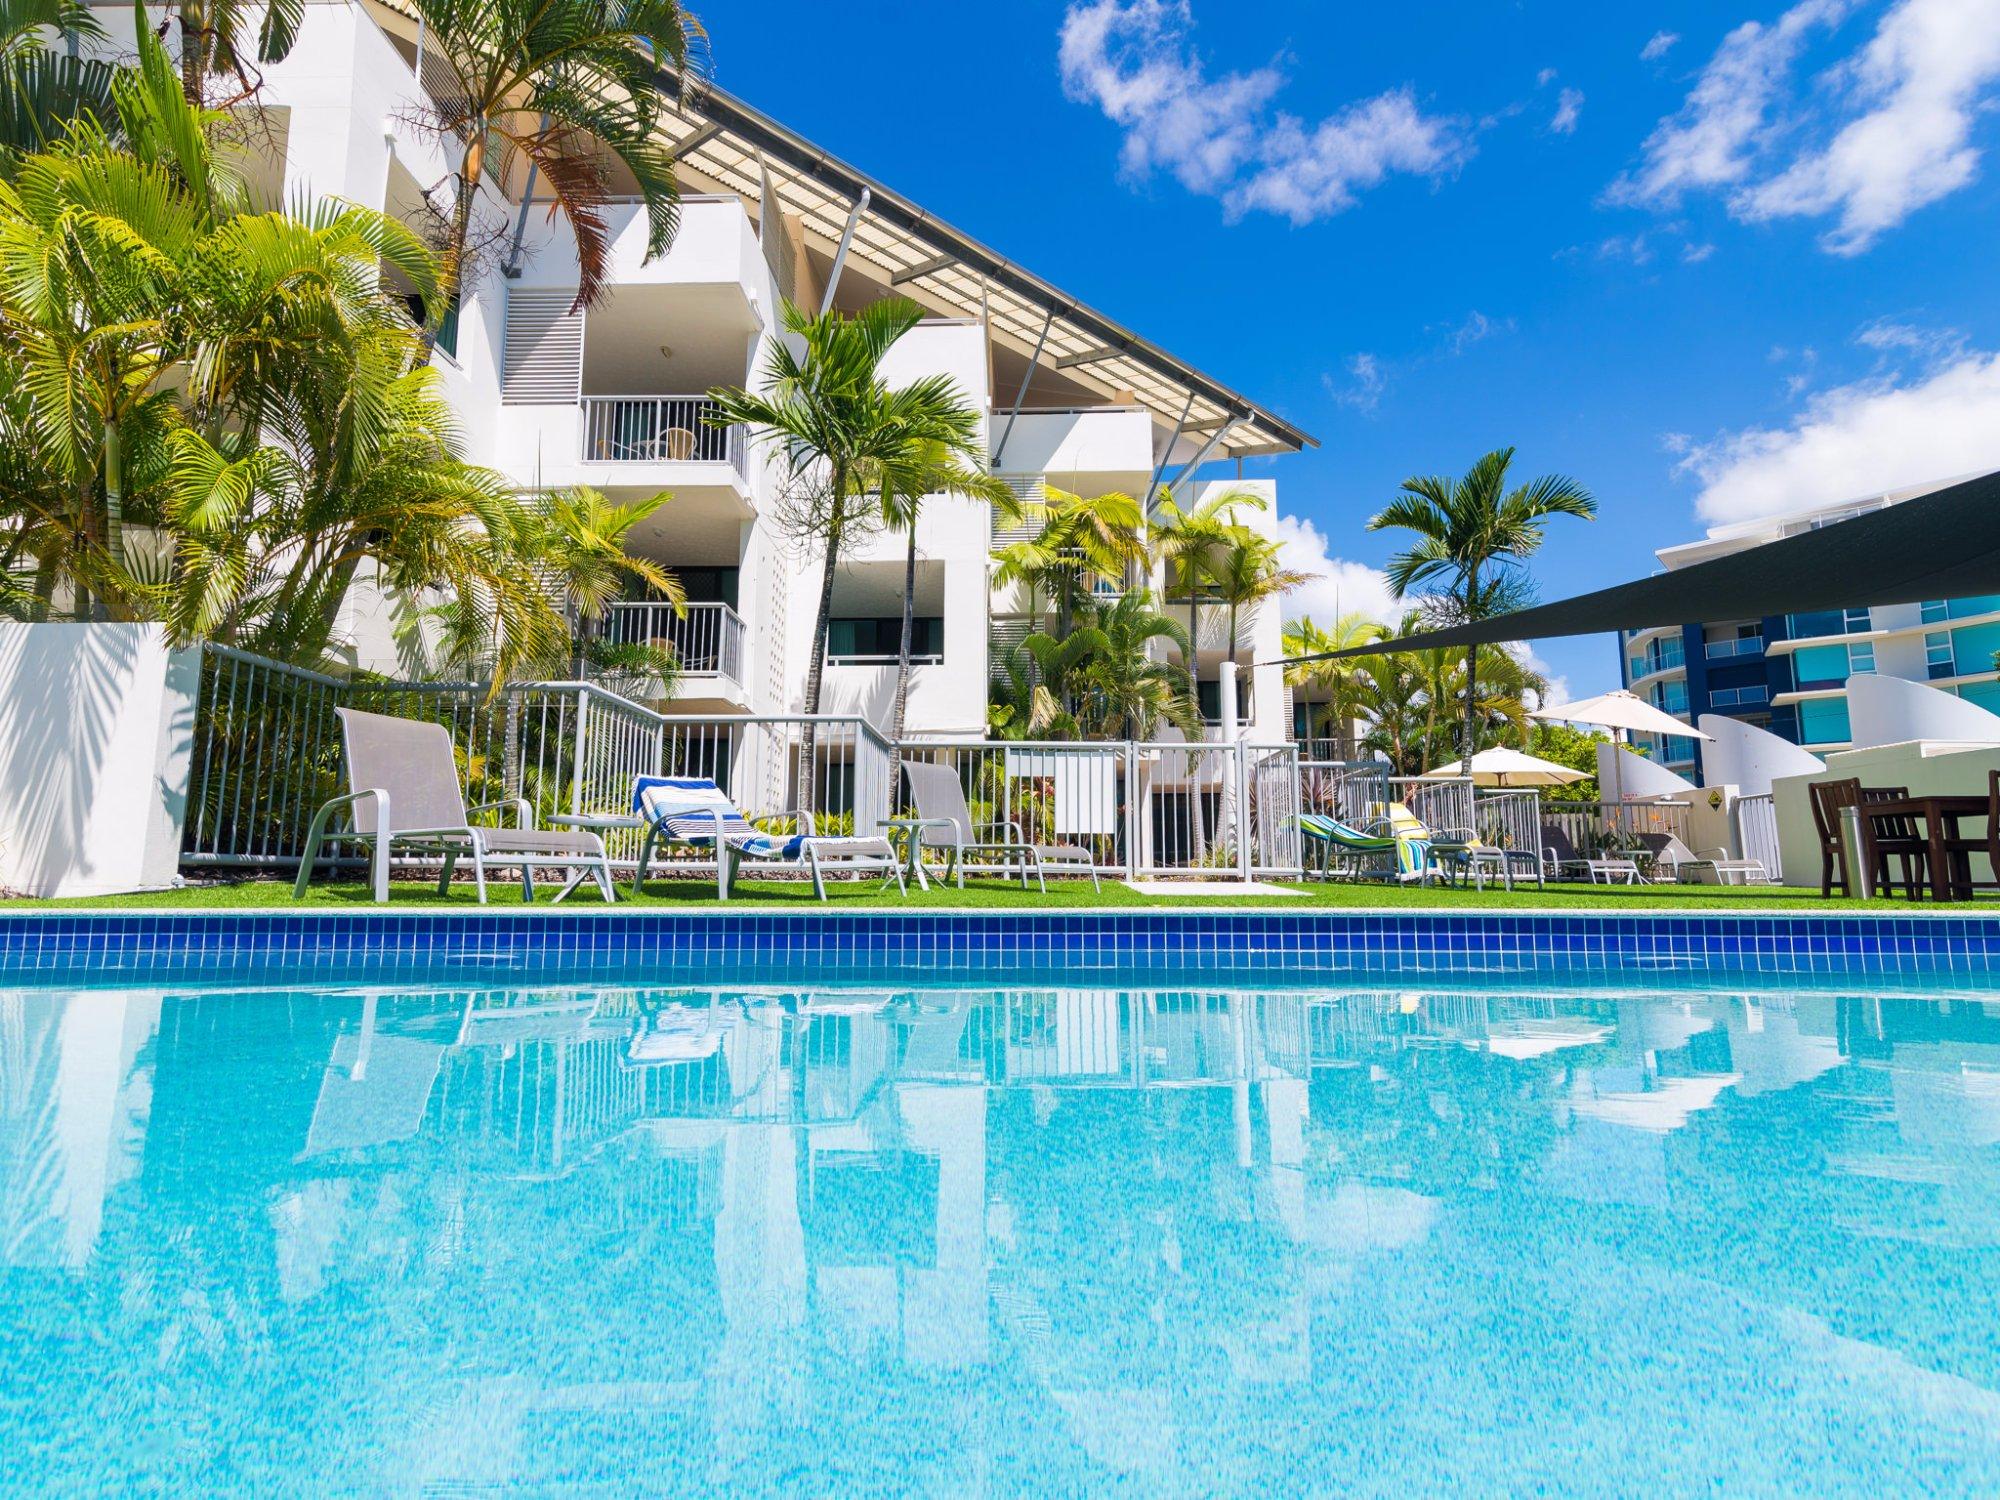 Beach Club Resort Mooloolaba